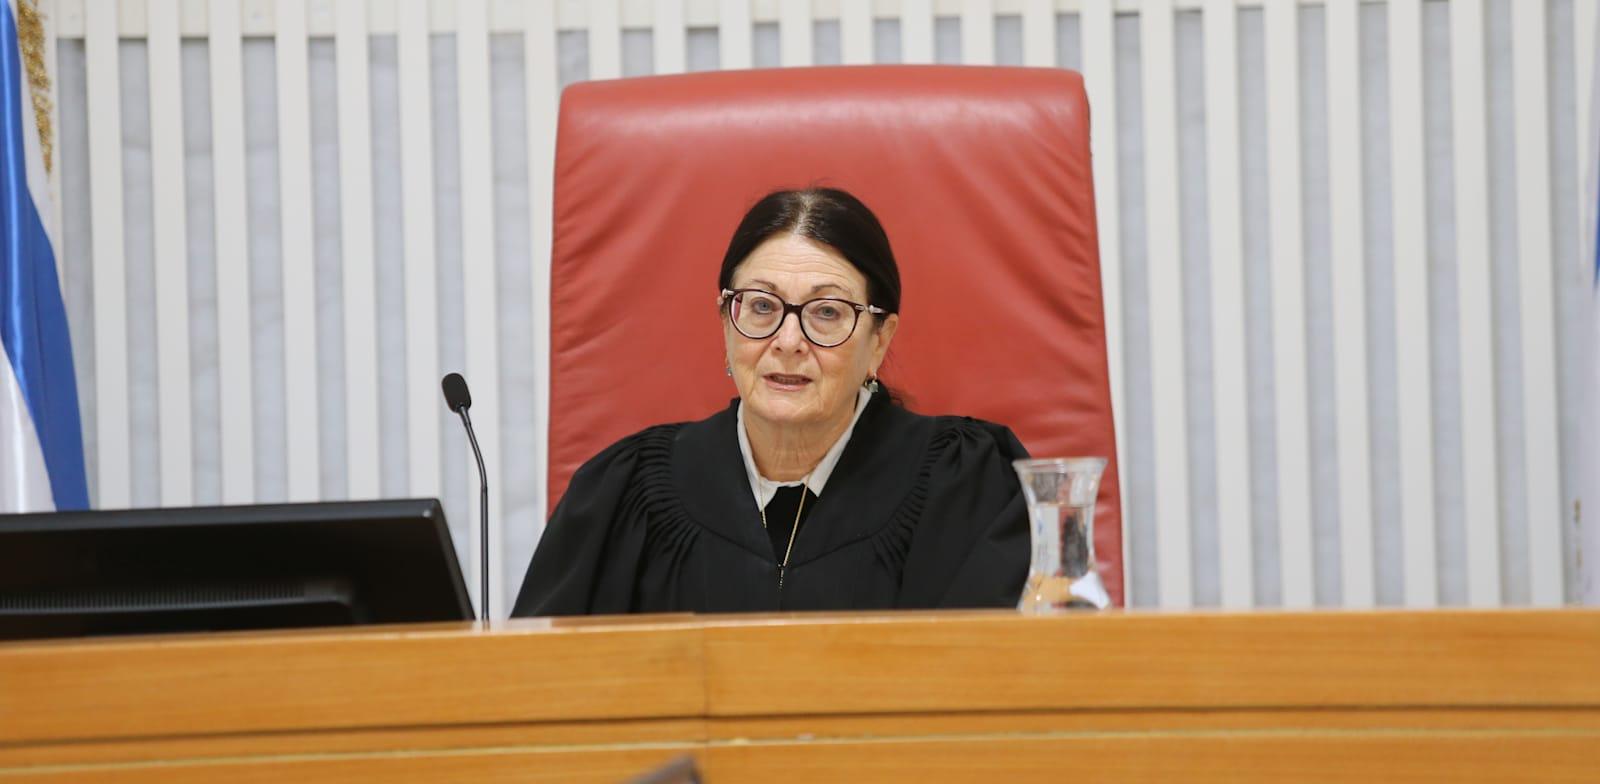 """נשיאת בית המשפט העליון, השופטת אסתר חיות / צילום: אלכס קולומויסקי, """"ידיעות אחרונות"""""""